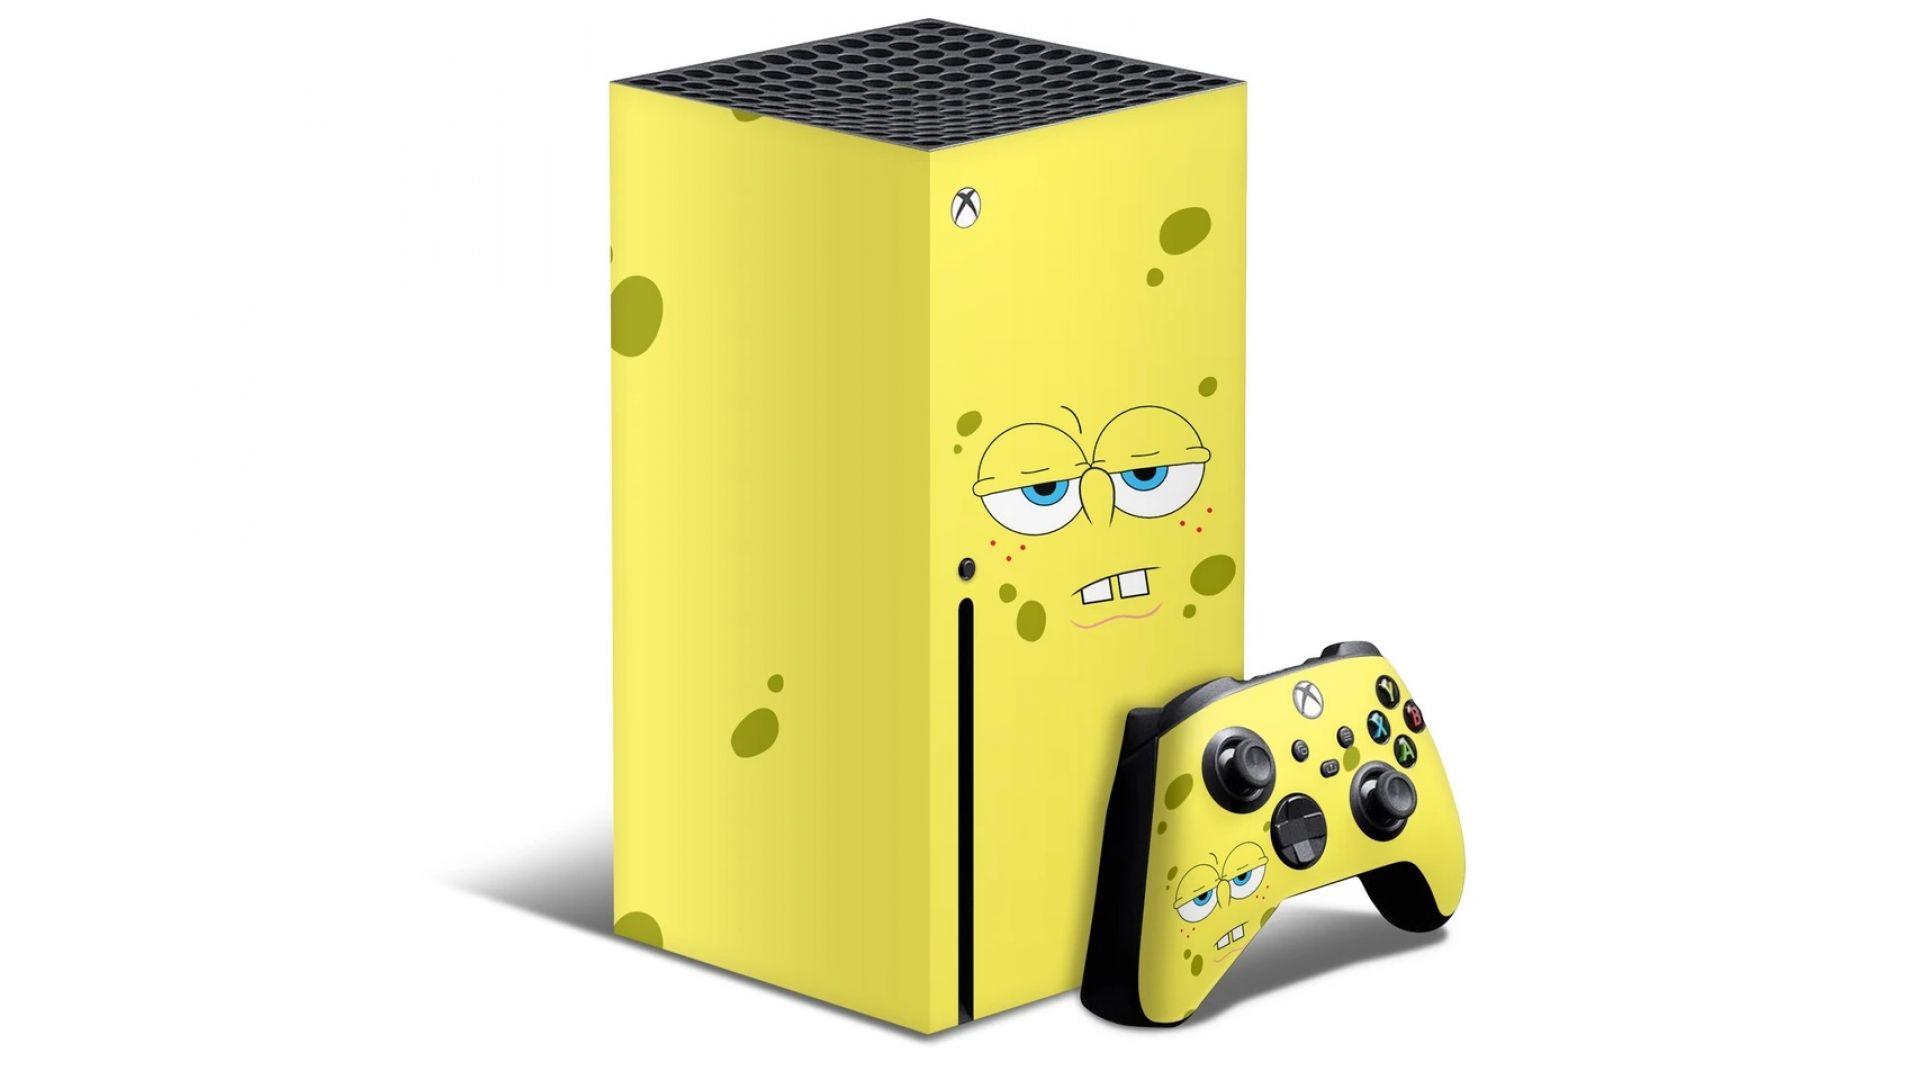 """Xbox Series X се преоблече като """"Спонджбоб квадратни гащи"""""""